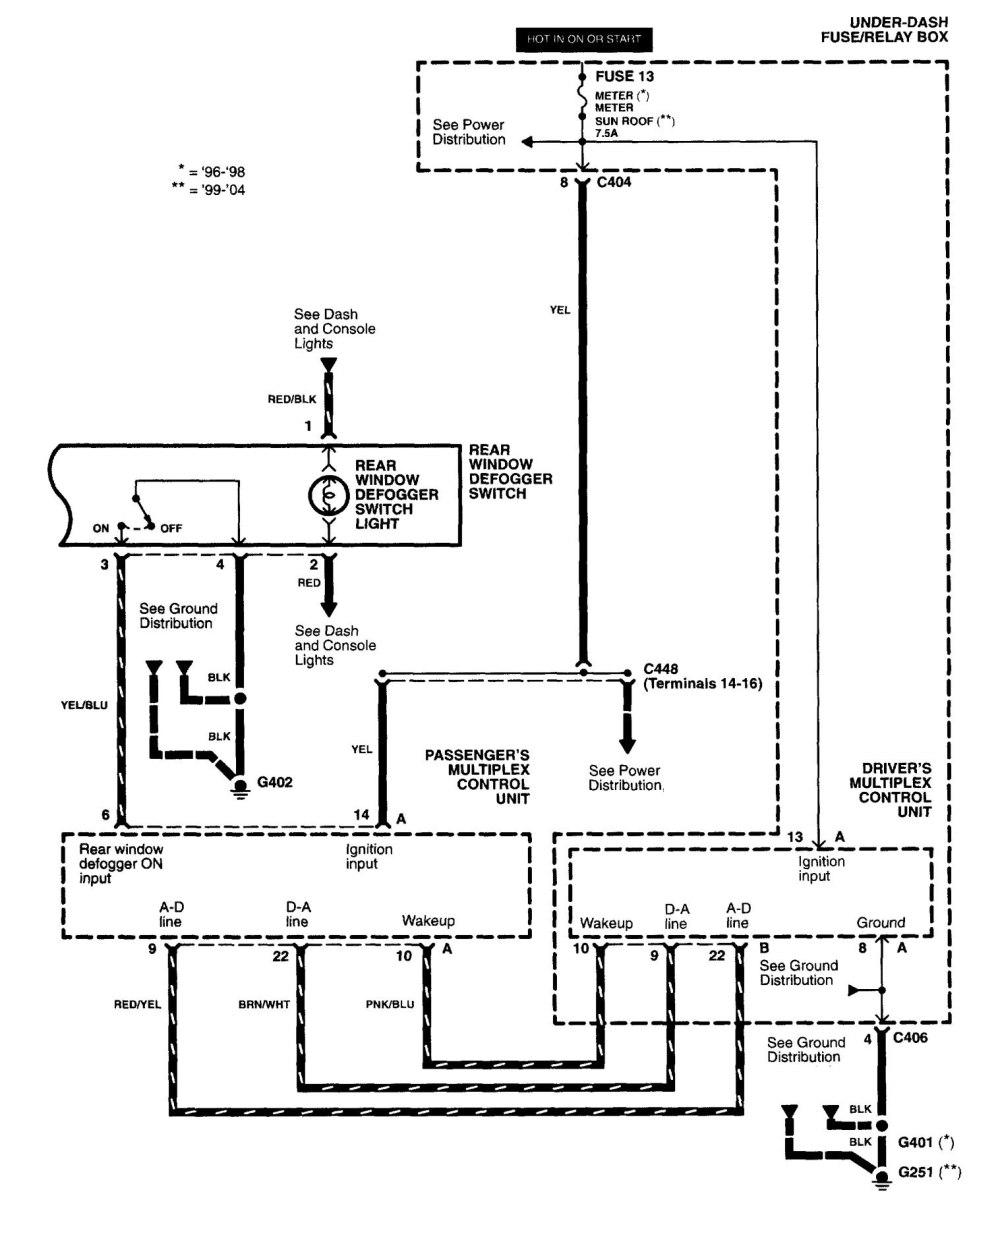 medium resolution of 2003 subaru rear defrost wiring harness diagram wiring diagram g82003 subaru rear defrost wiring harness diagram